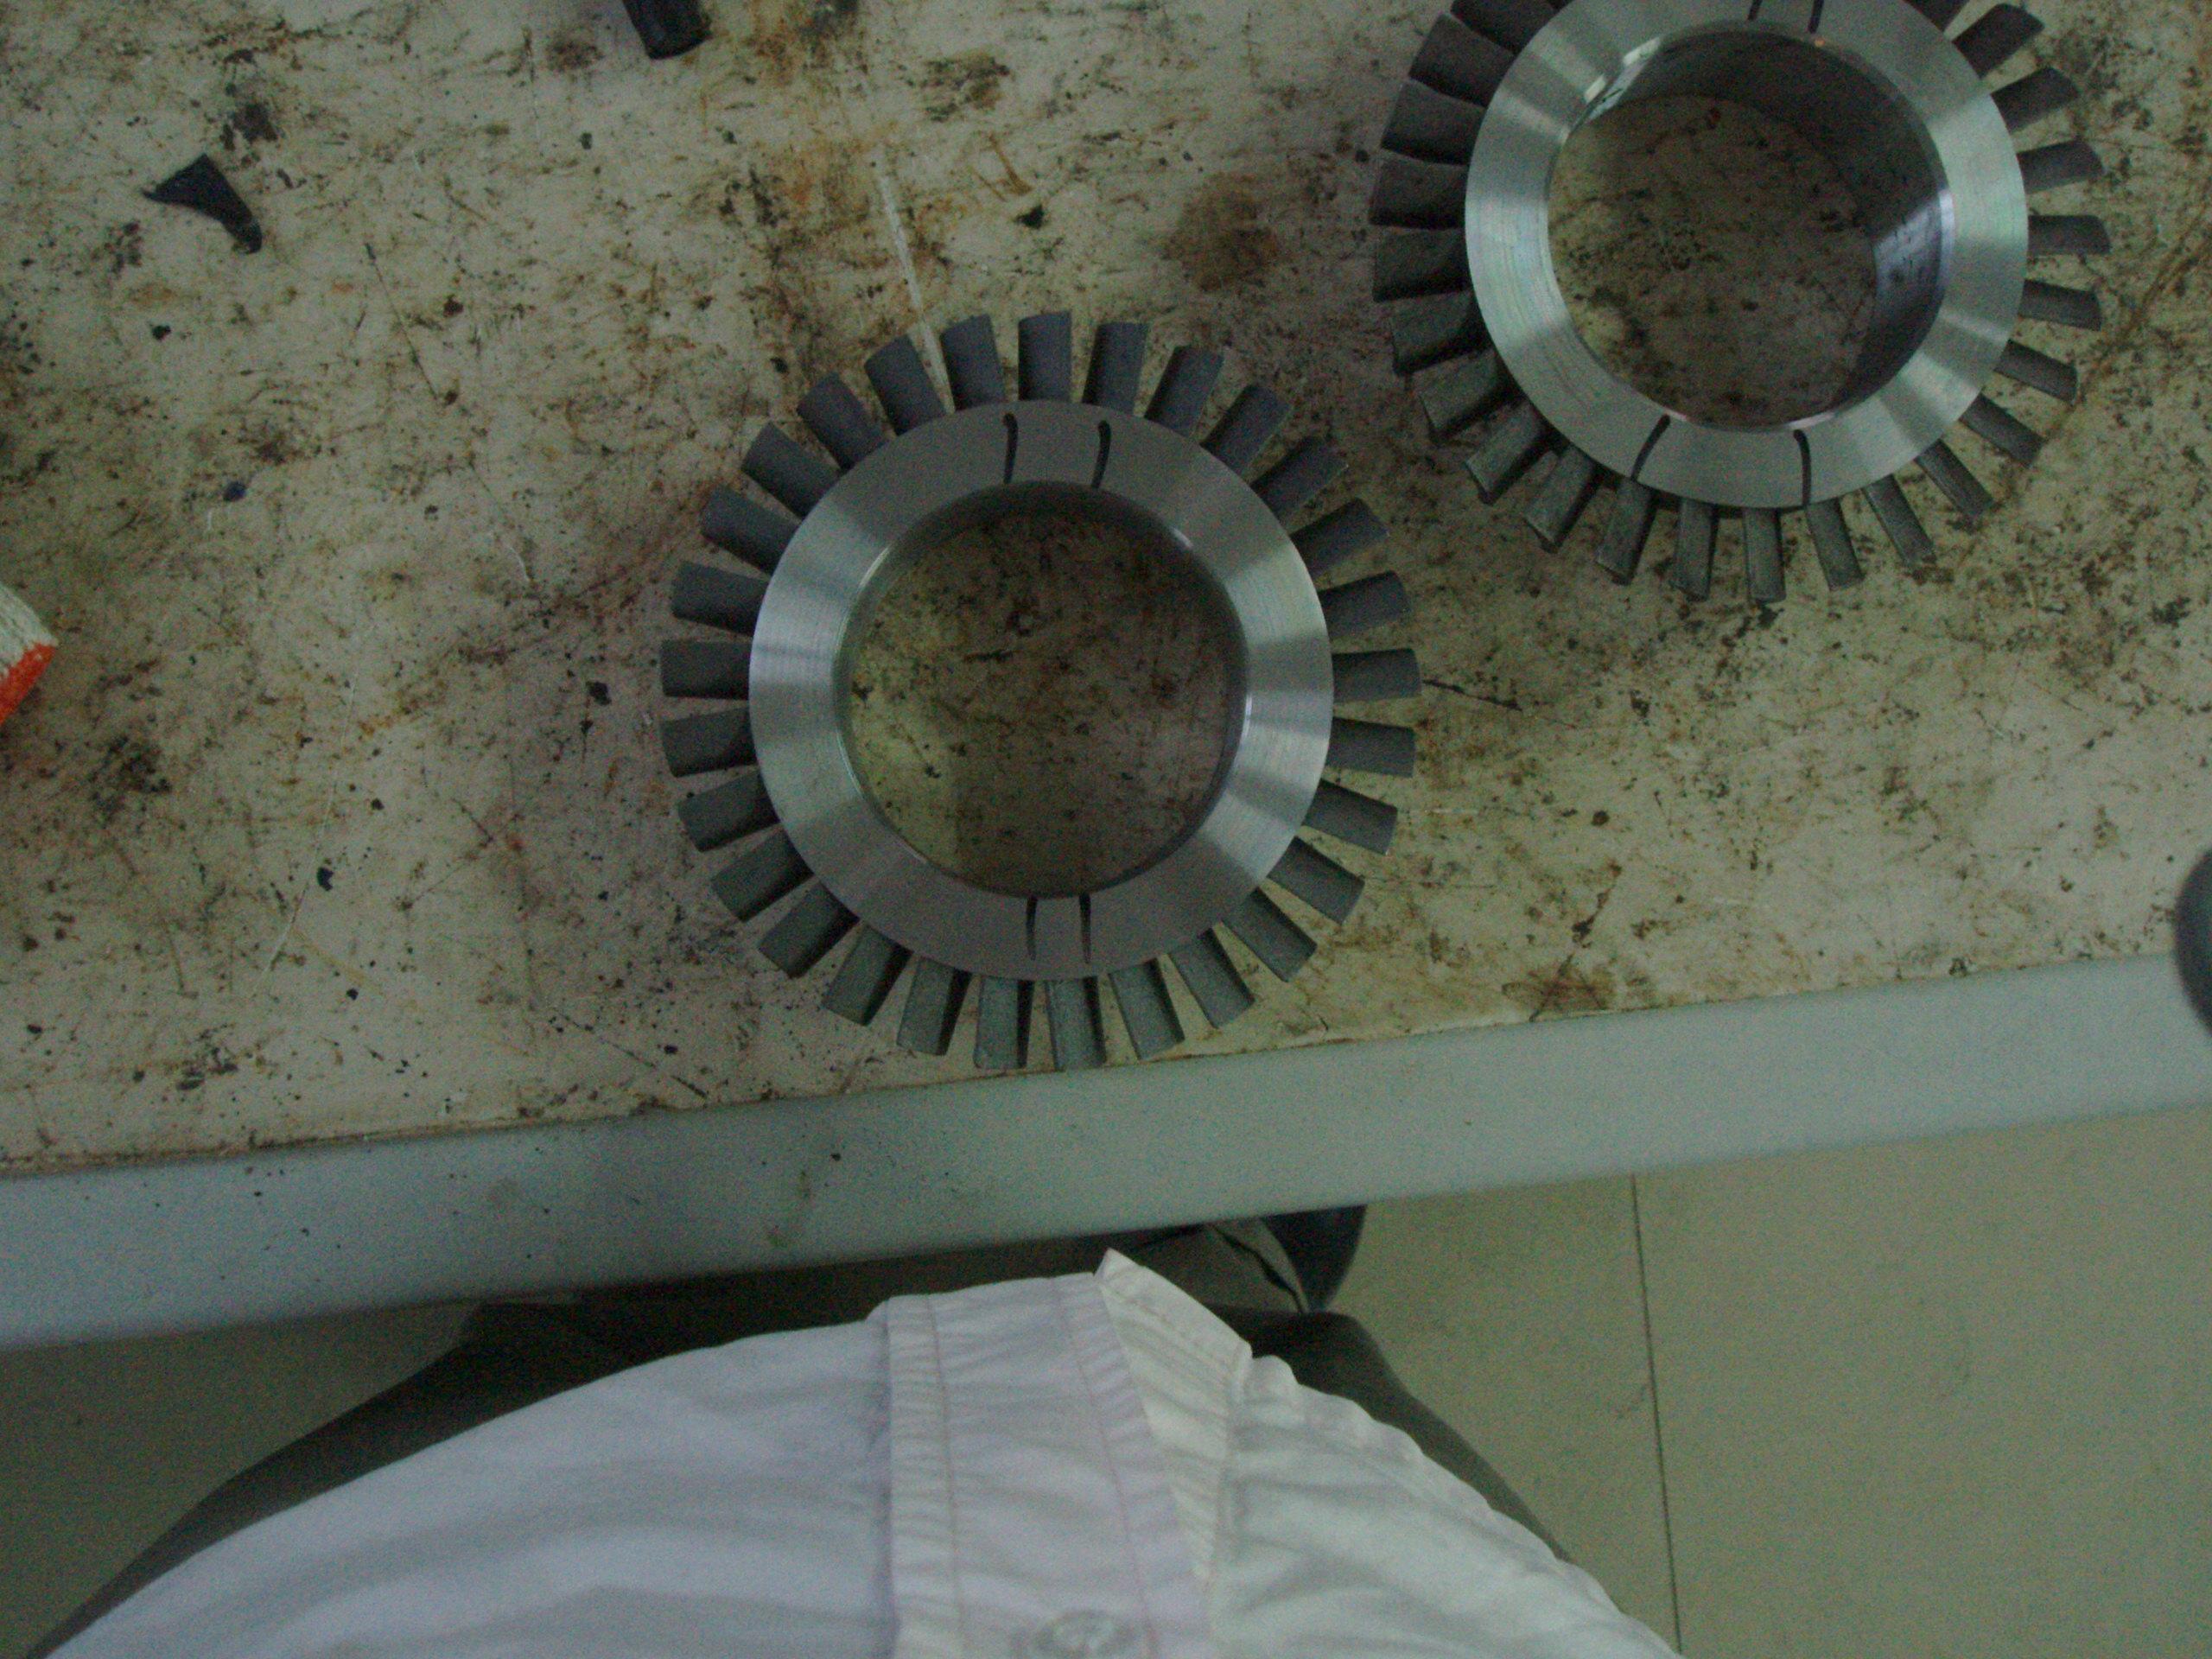 工程材料这种裂纹是如何产生 我们生产了一种铸钢件,材料是一种不